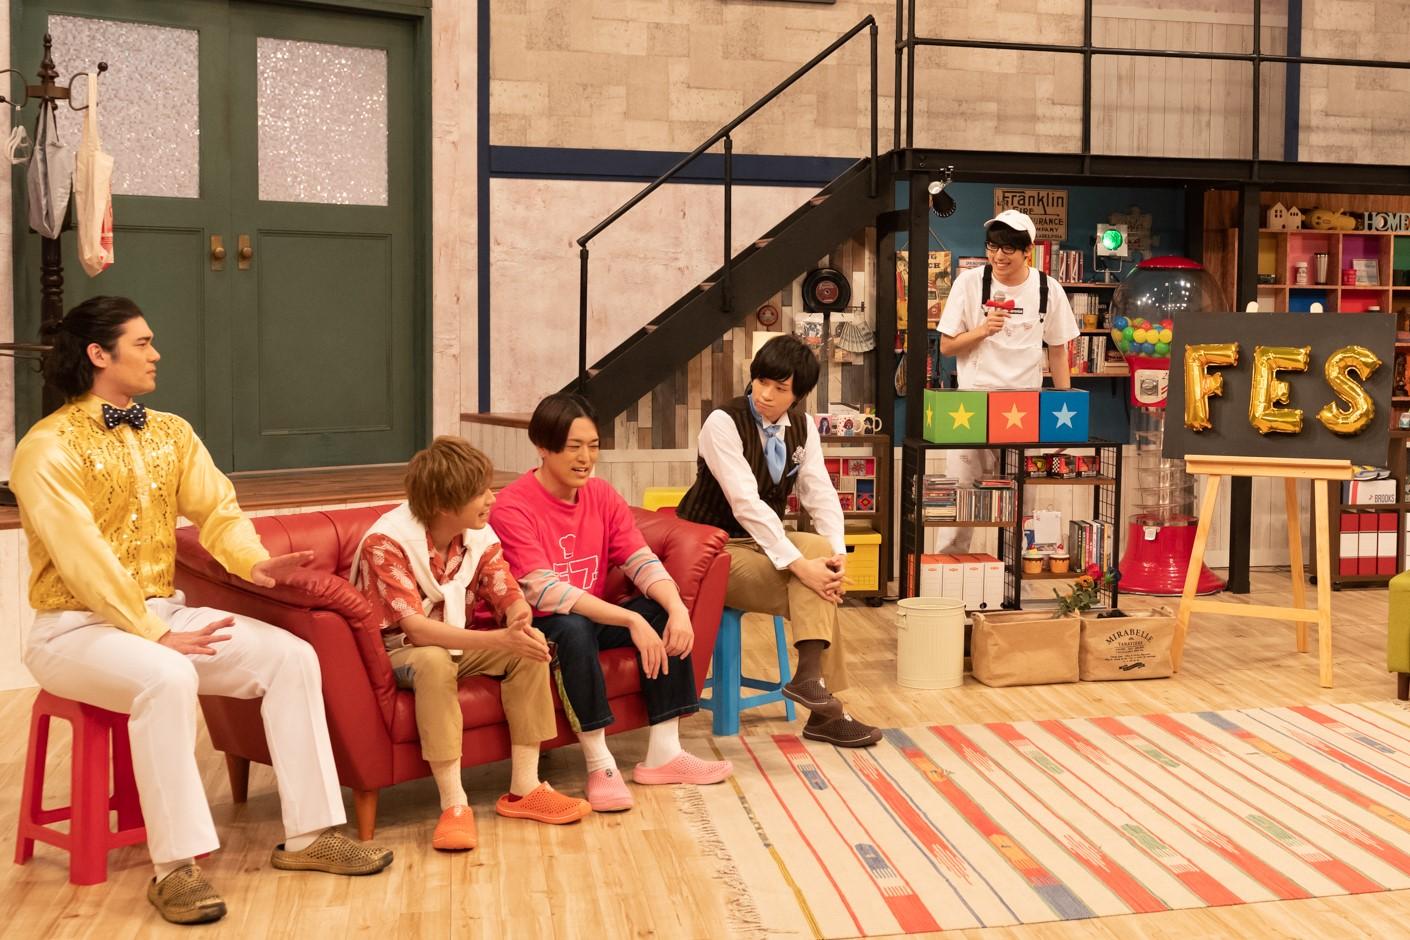 「サクセス荘2」続編が放送決定 舞台はリビングからキッチンへ イメージ画像